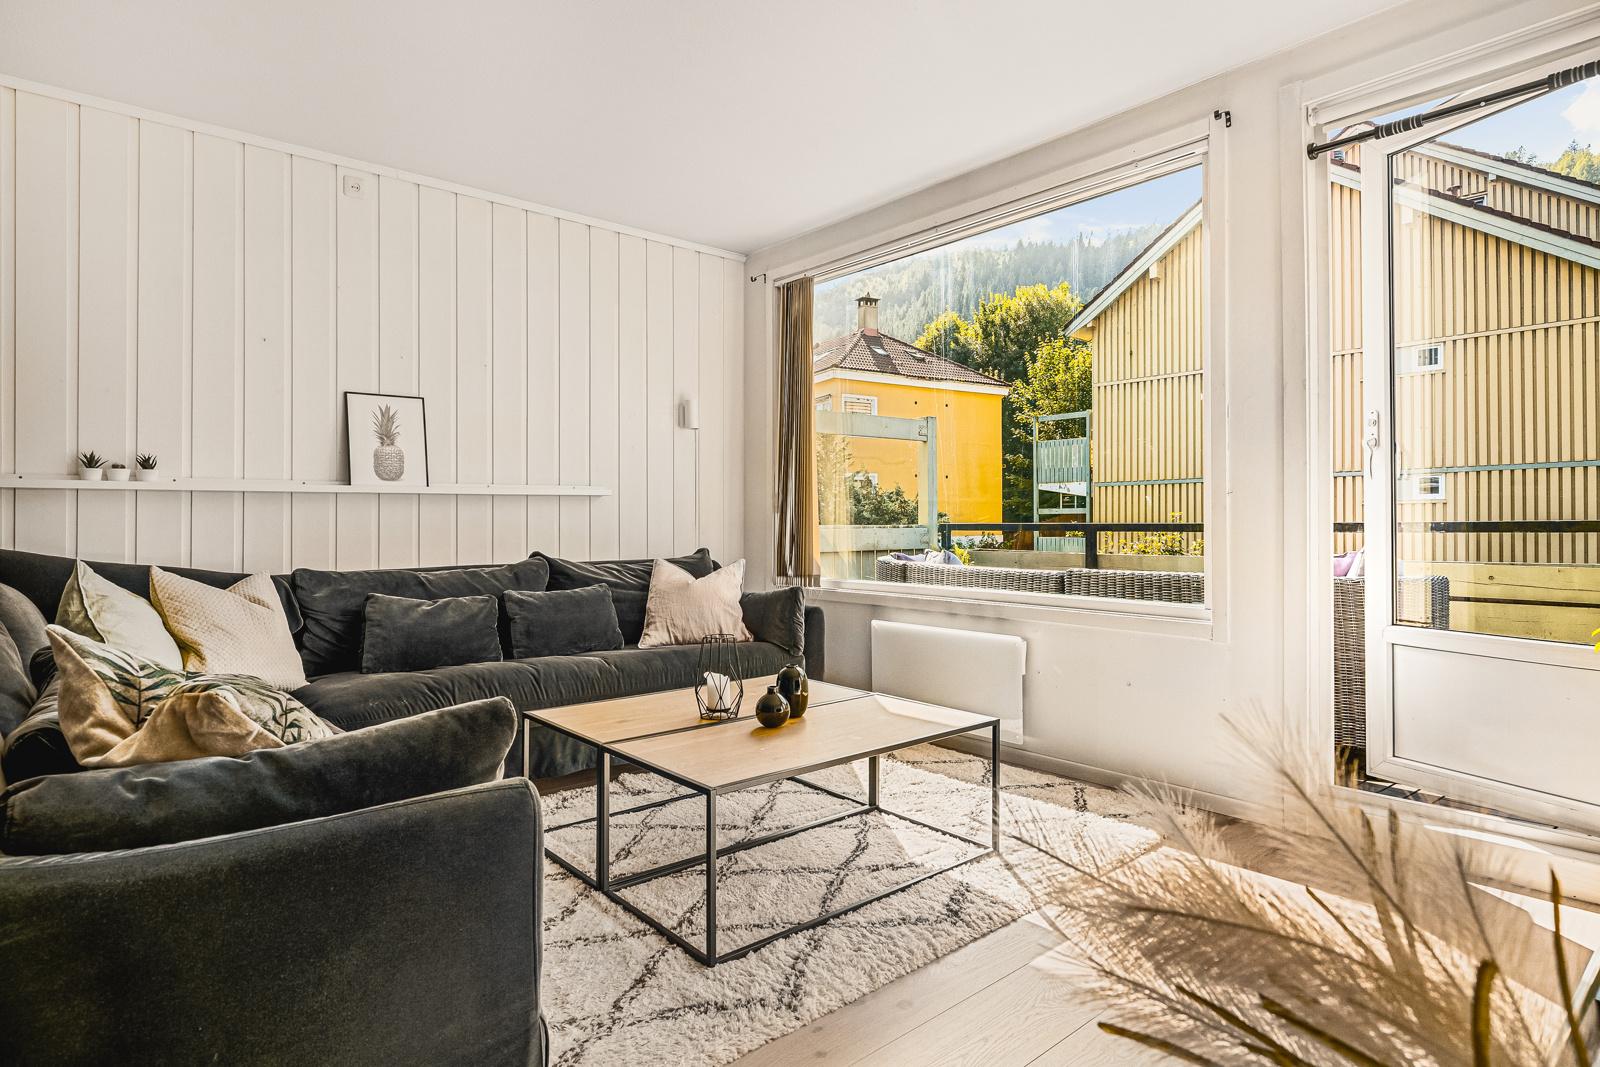 Velkommen til en flott 3-roms leilighet med super beliggenhet i Solheimsviken, presentert av Chris-Andre Grimstad Fana Sparebank EIendom